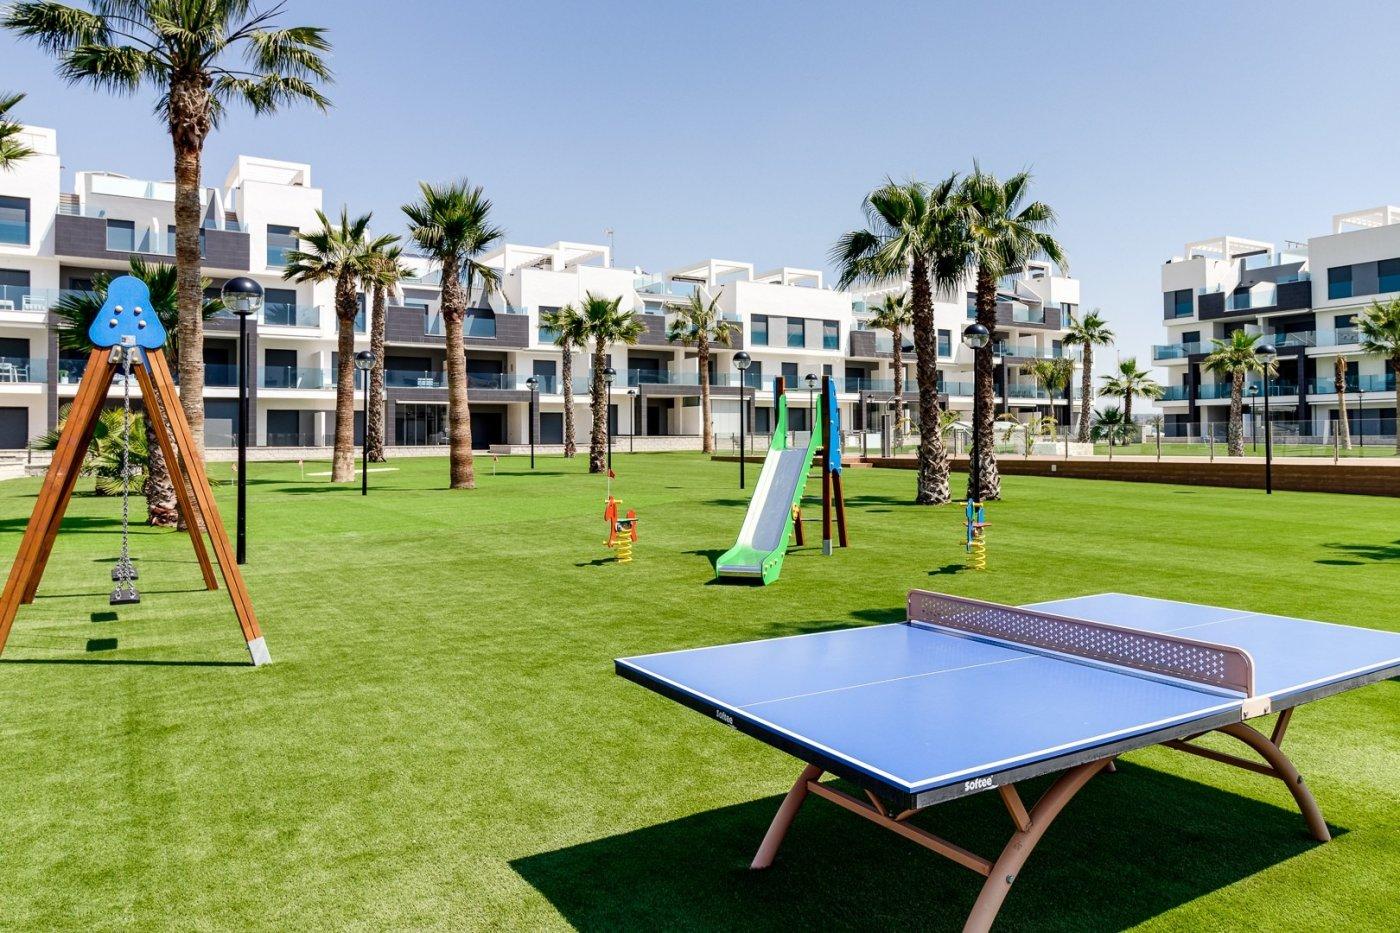 Nuevo complejo residencial en el raso (guardamar)!!! - imagenInmueble7